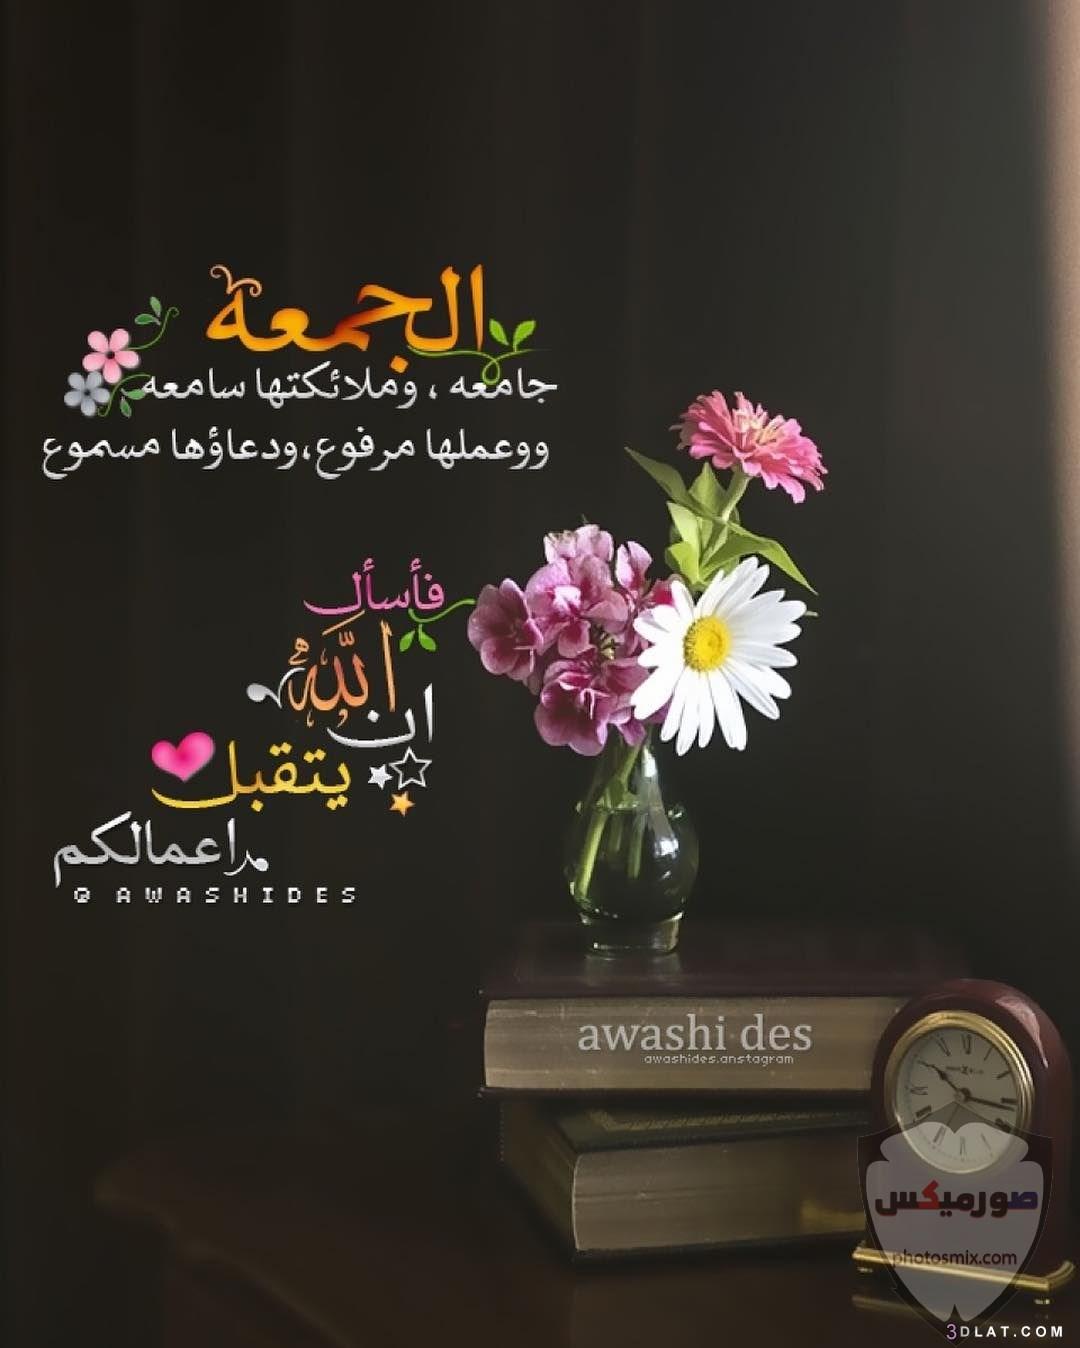 جمعة مباركة صور جمعة مباركه 2020 ادعية يوم الجمعه مصورة مكتوب عليها جمعة مباركة 14